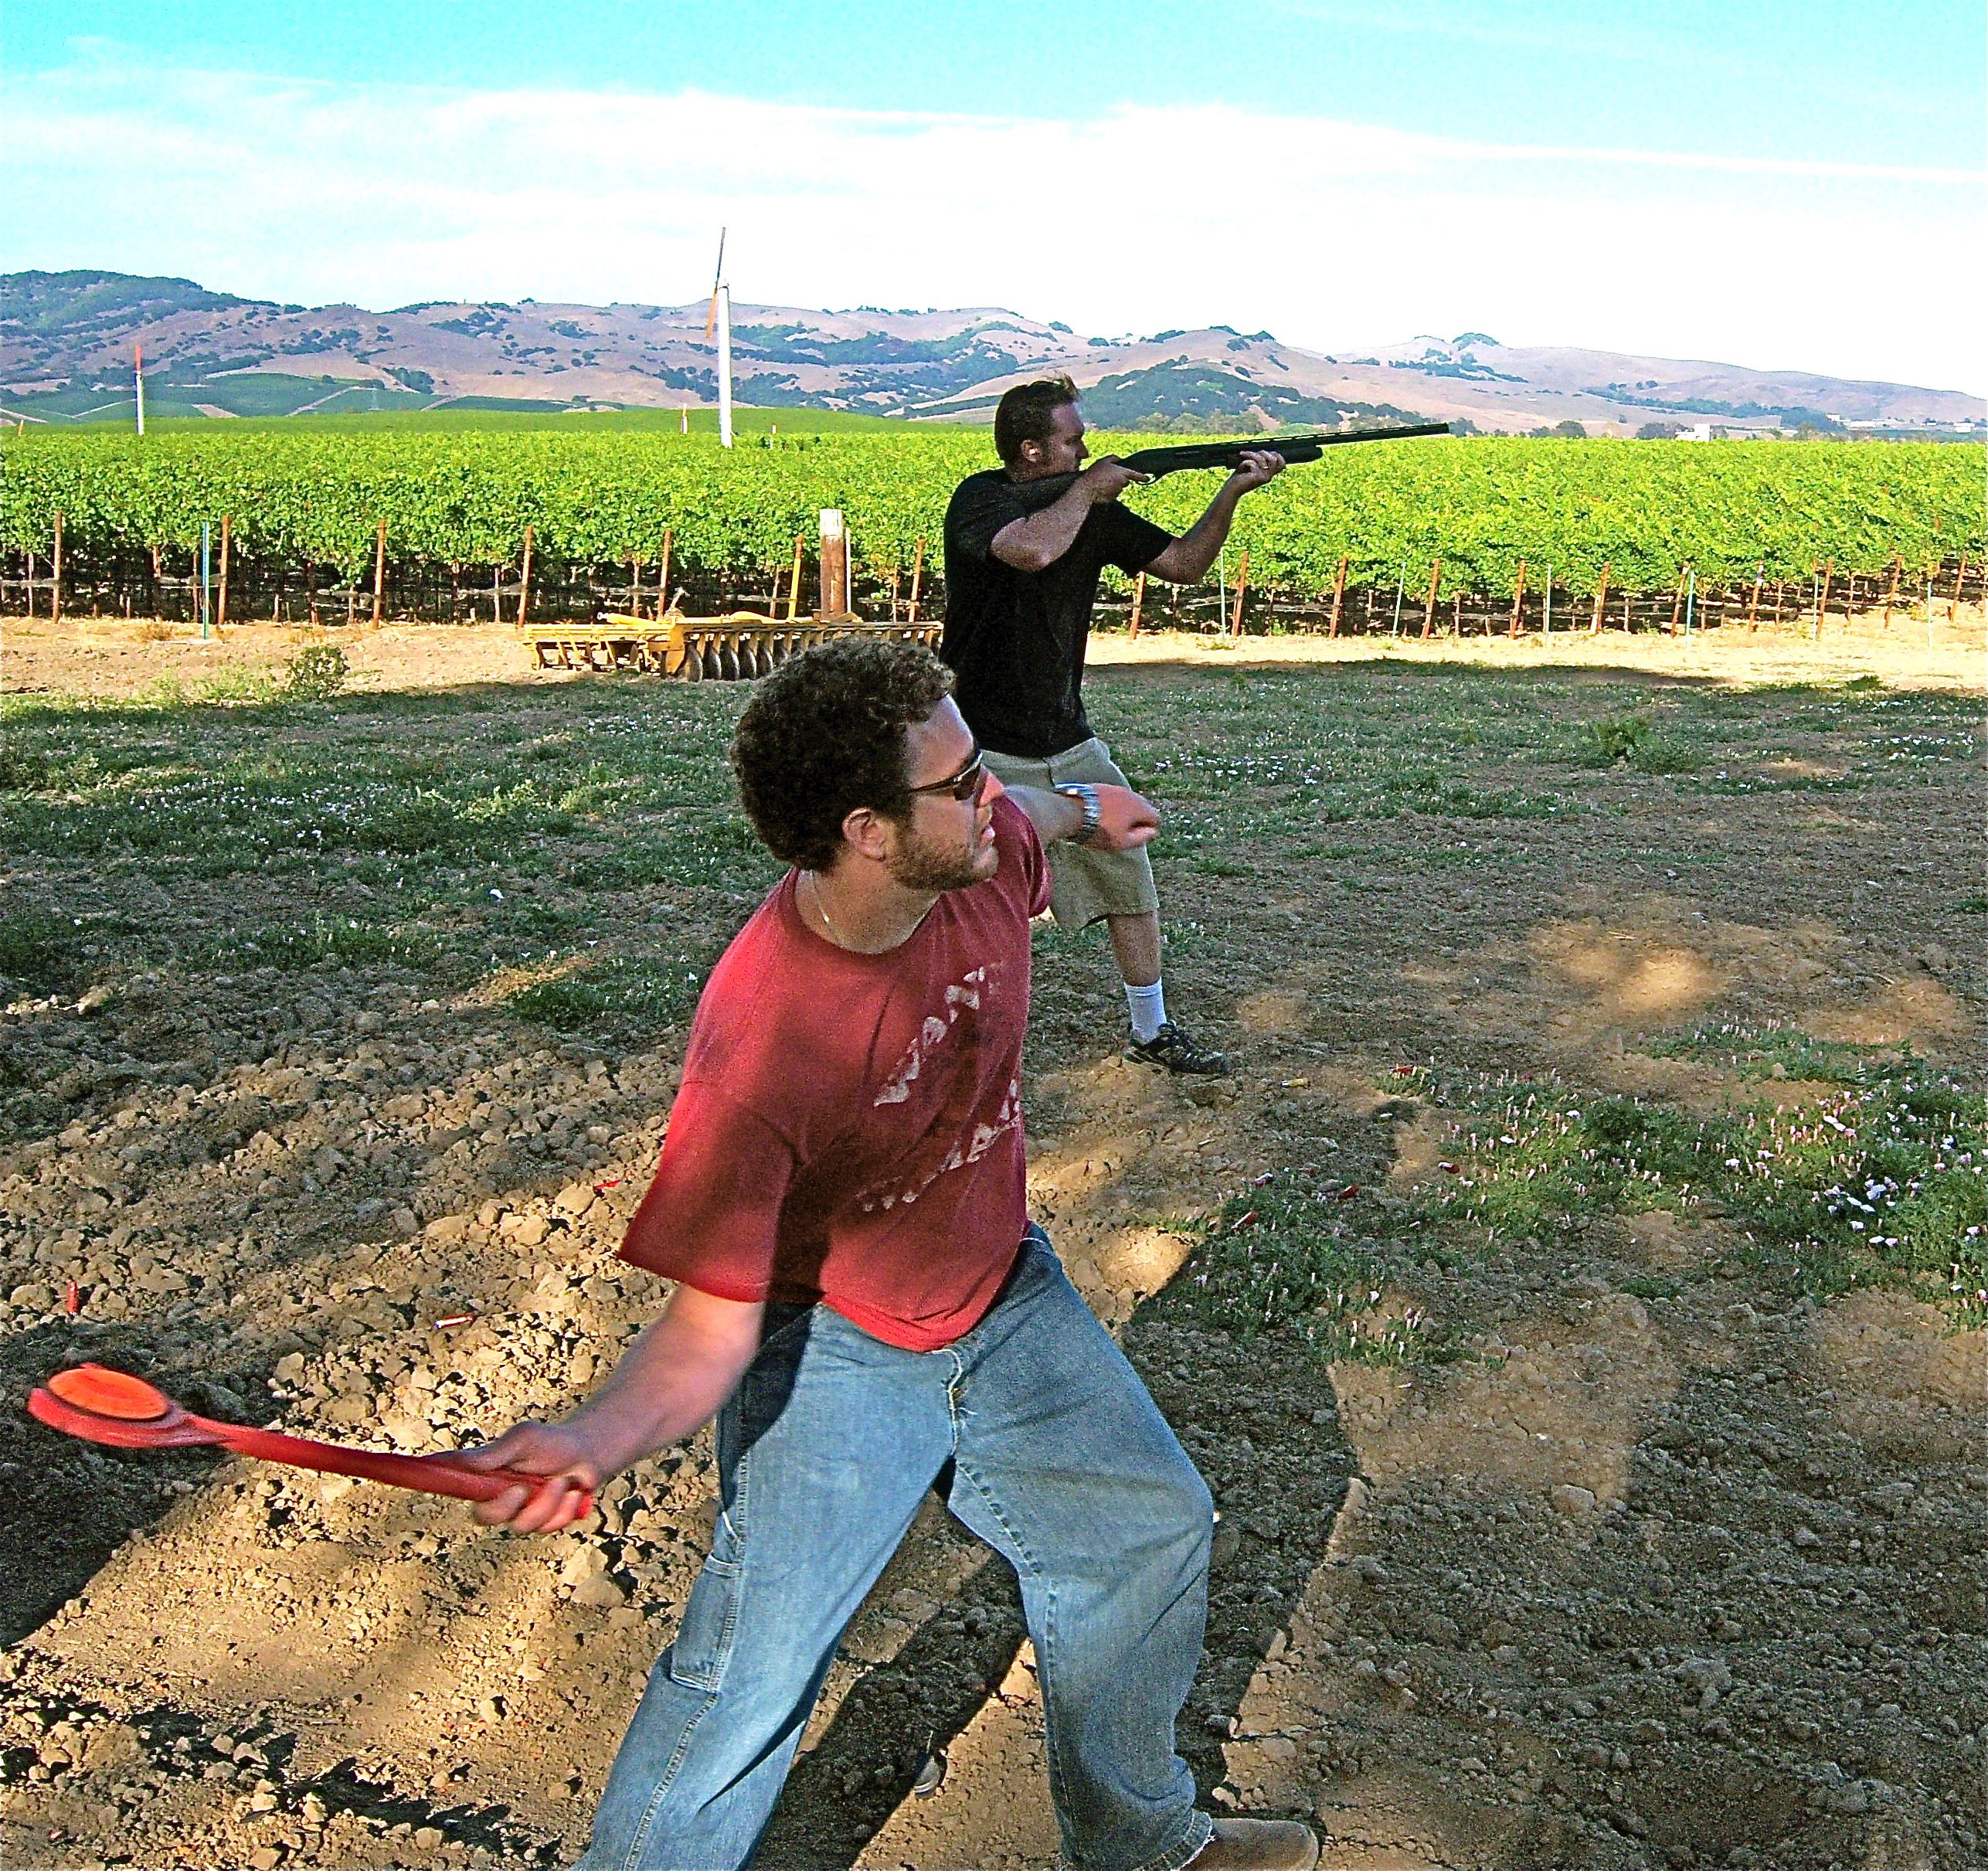 """John, """"Stringbean"""" takes aim with his Remmington 870, while Bennie, """"Flapjack"""" mans the thrower.     John, """"Stringbean"""" takes aim with his Remmington 870, while Bennie, """"Flapjack"""" mans the thrower."""